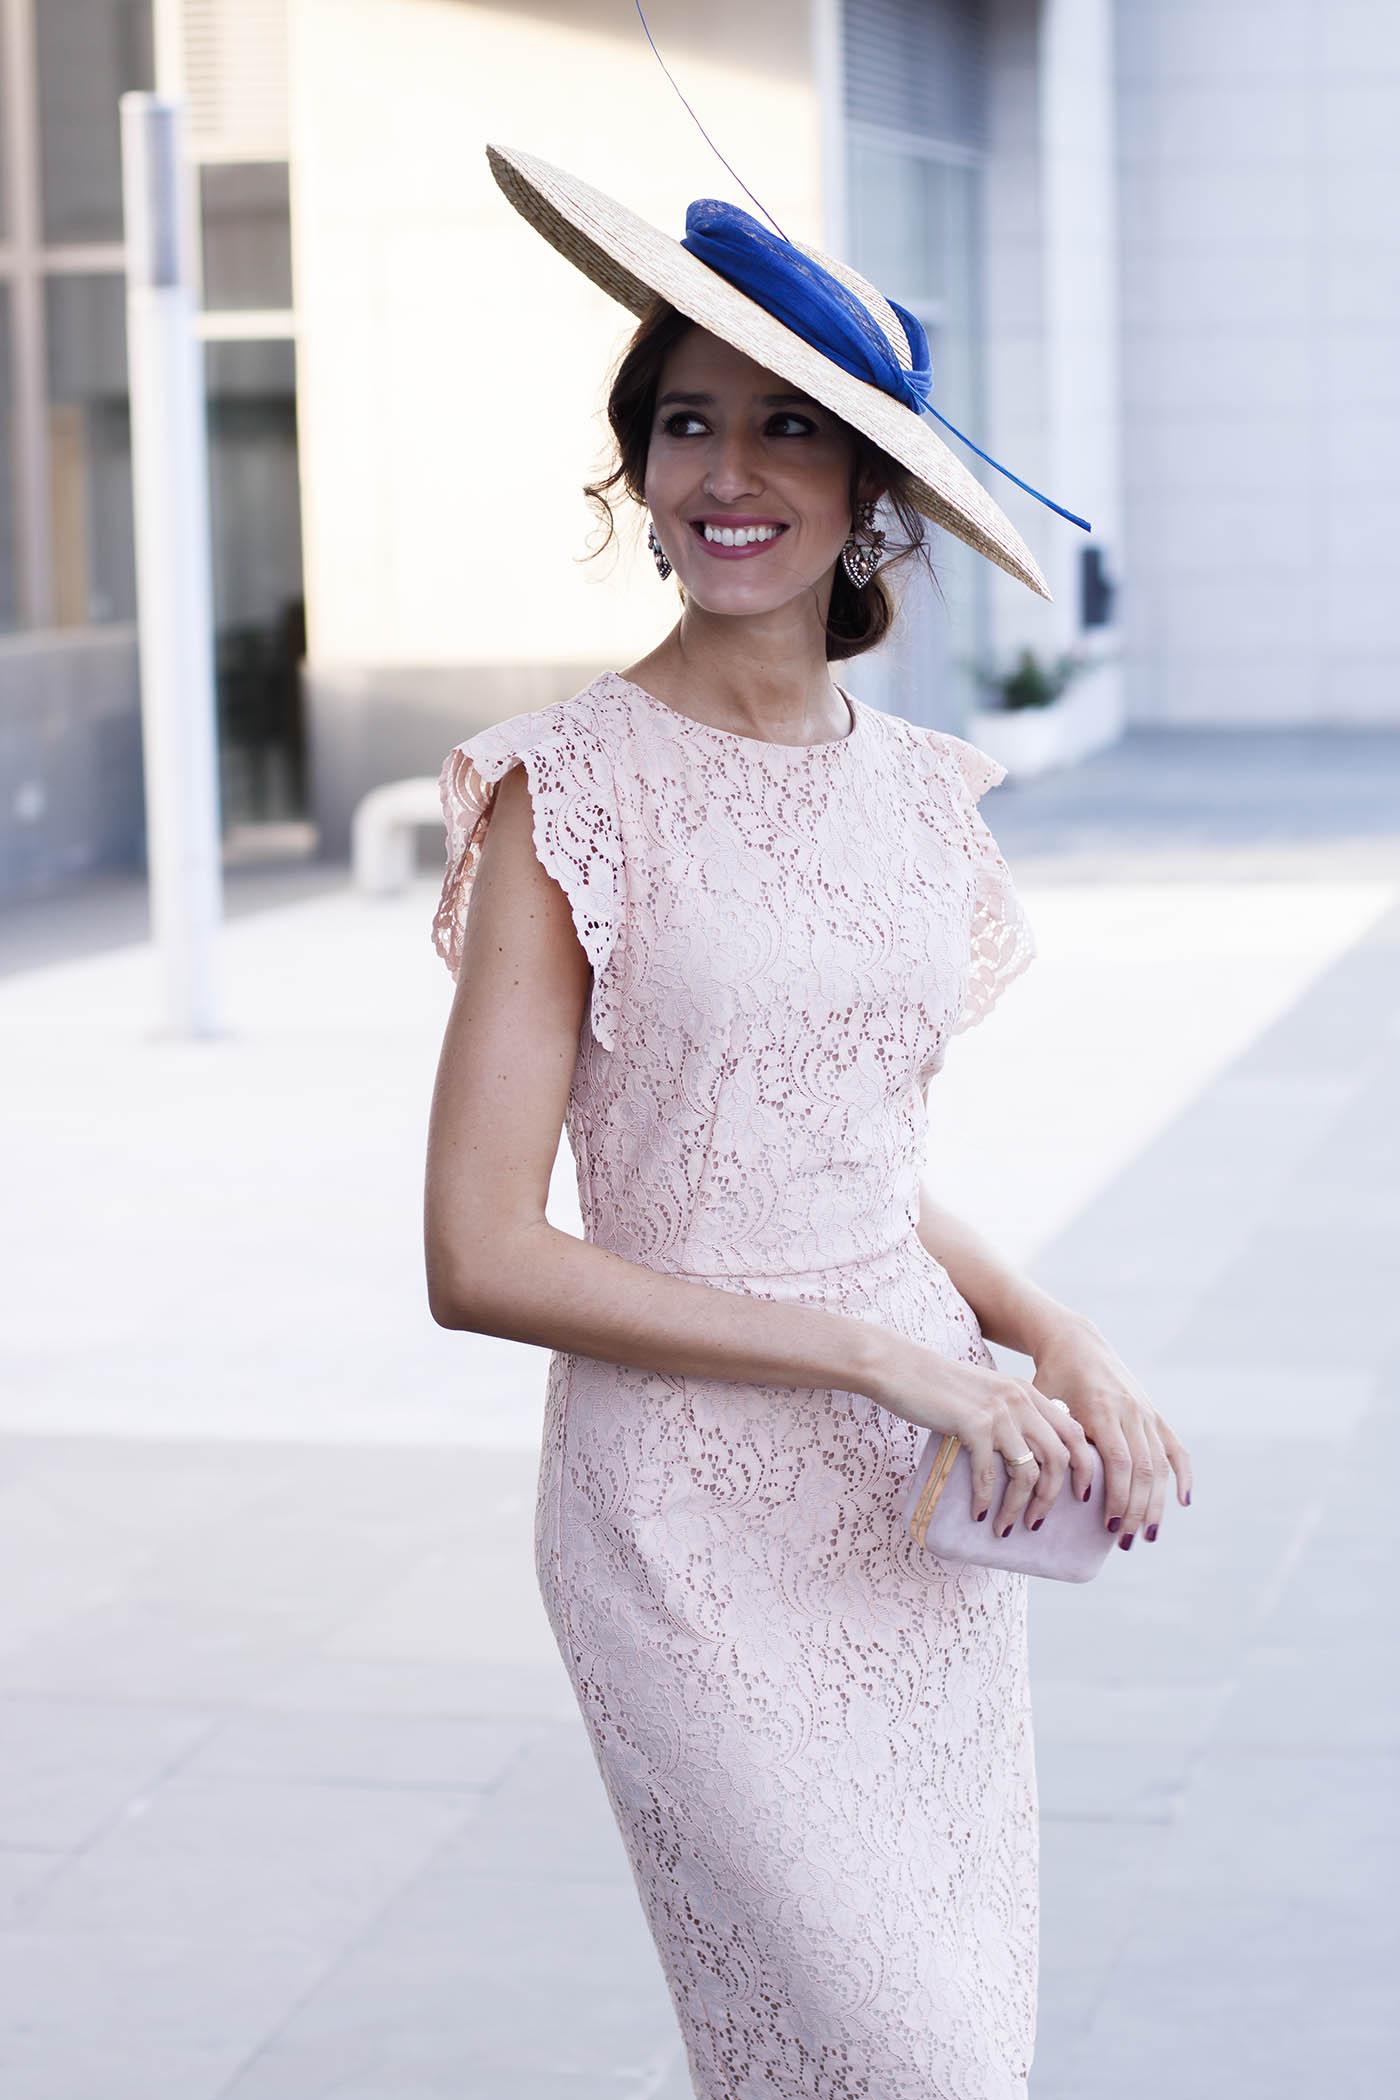 Rosa Perfecta Con Vestido Encaje Invitada Lowcost De Look Zara Y nO0Pwk